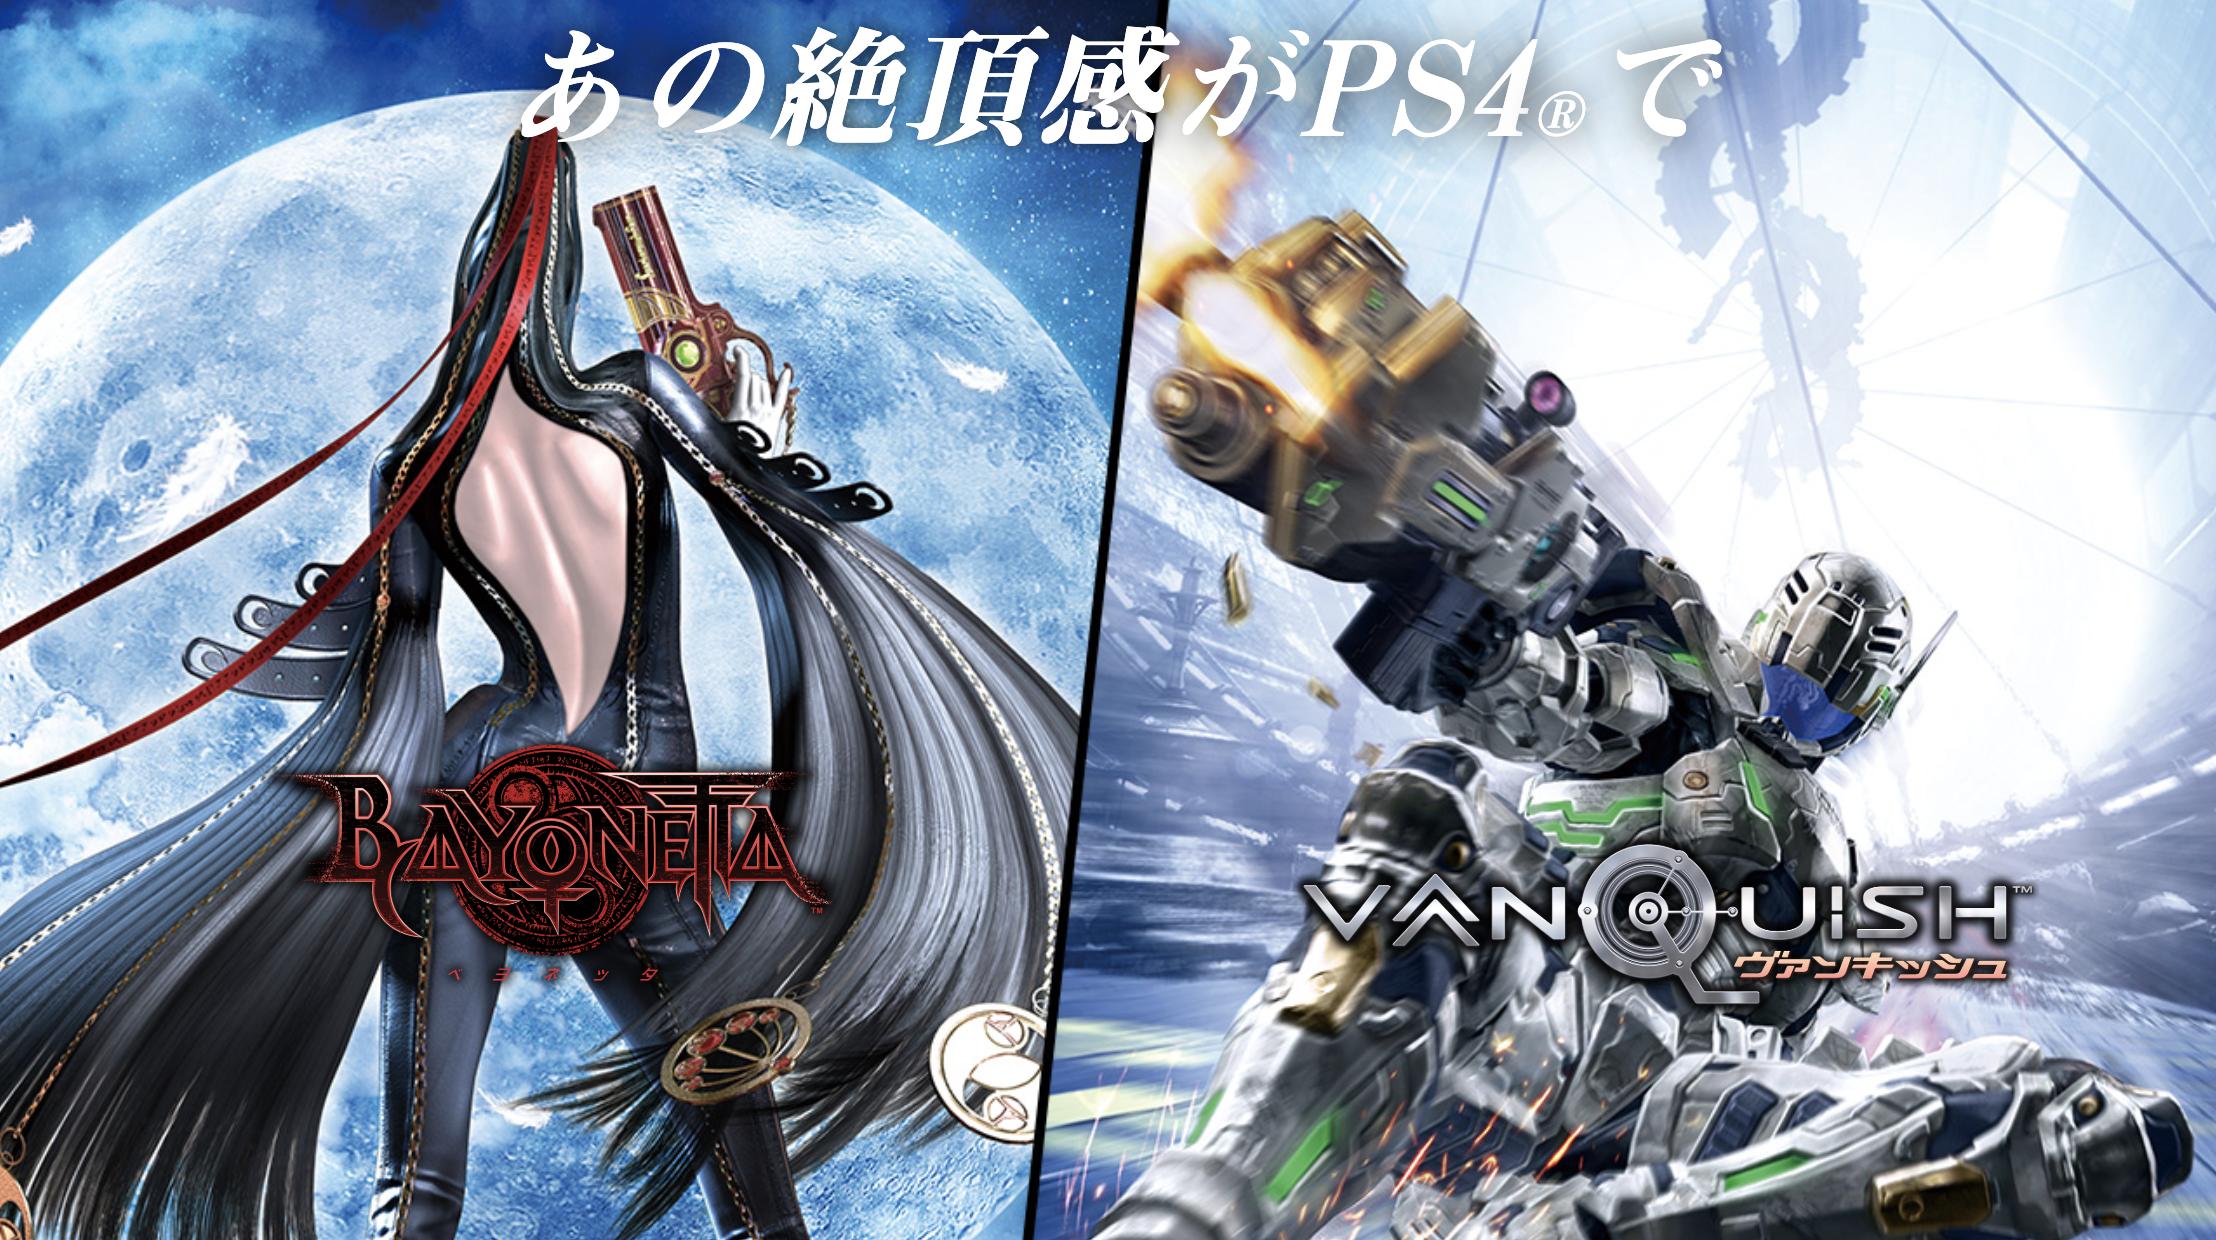 【ベヨネッタ&ヴァンキッシュ】PS4版の発売日はいつ?価格と予約特典・事前情報